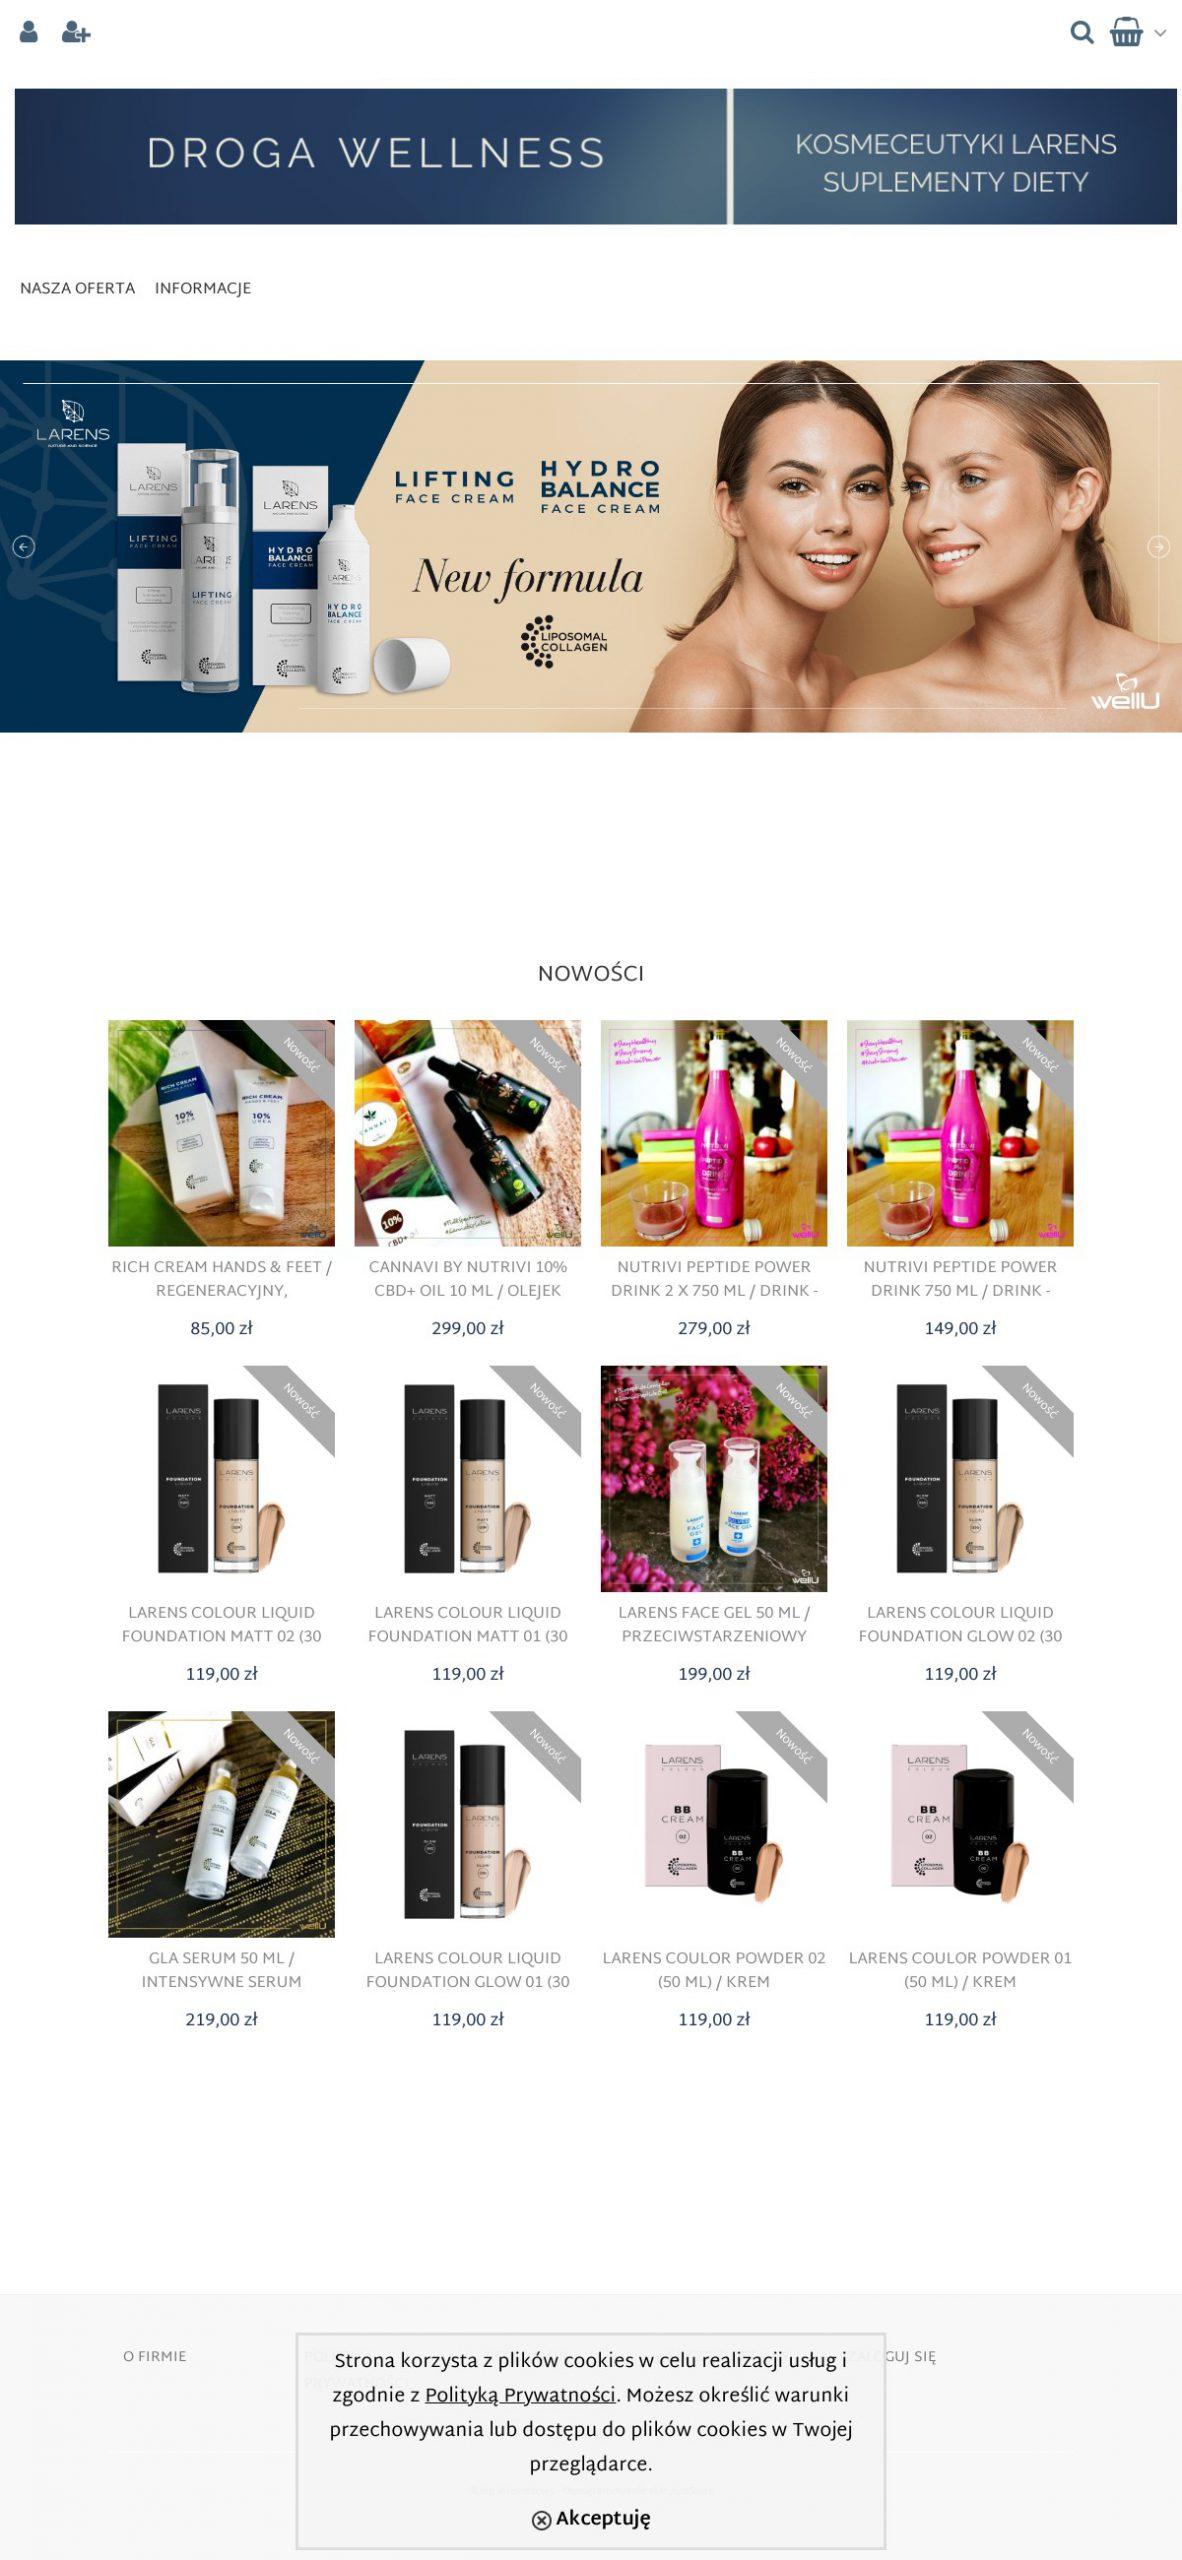 drogawellness.com Image